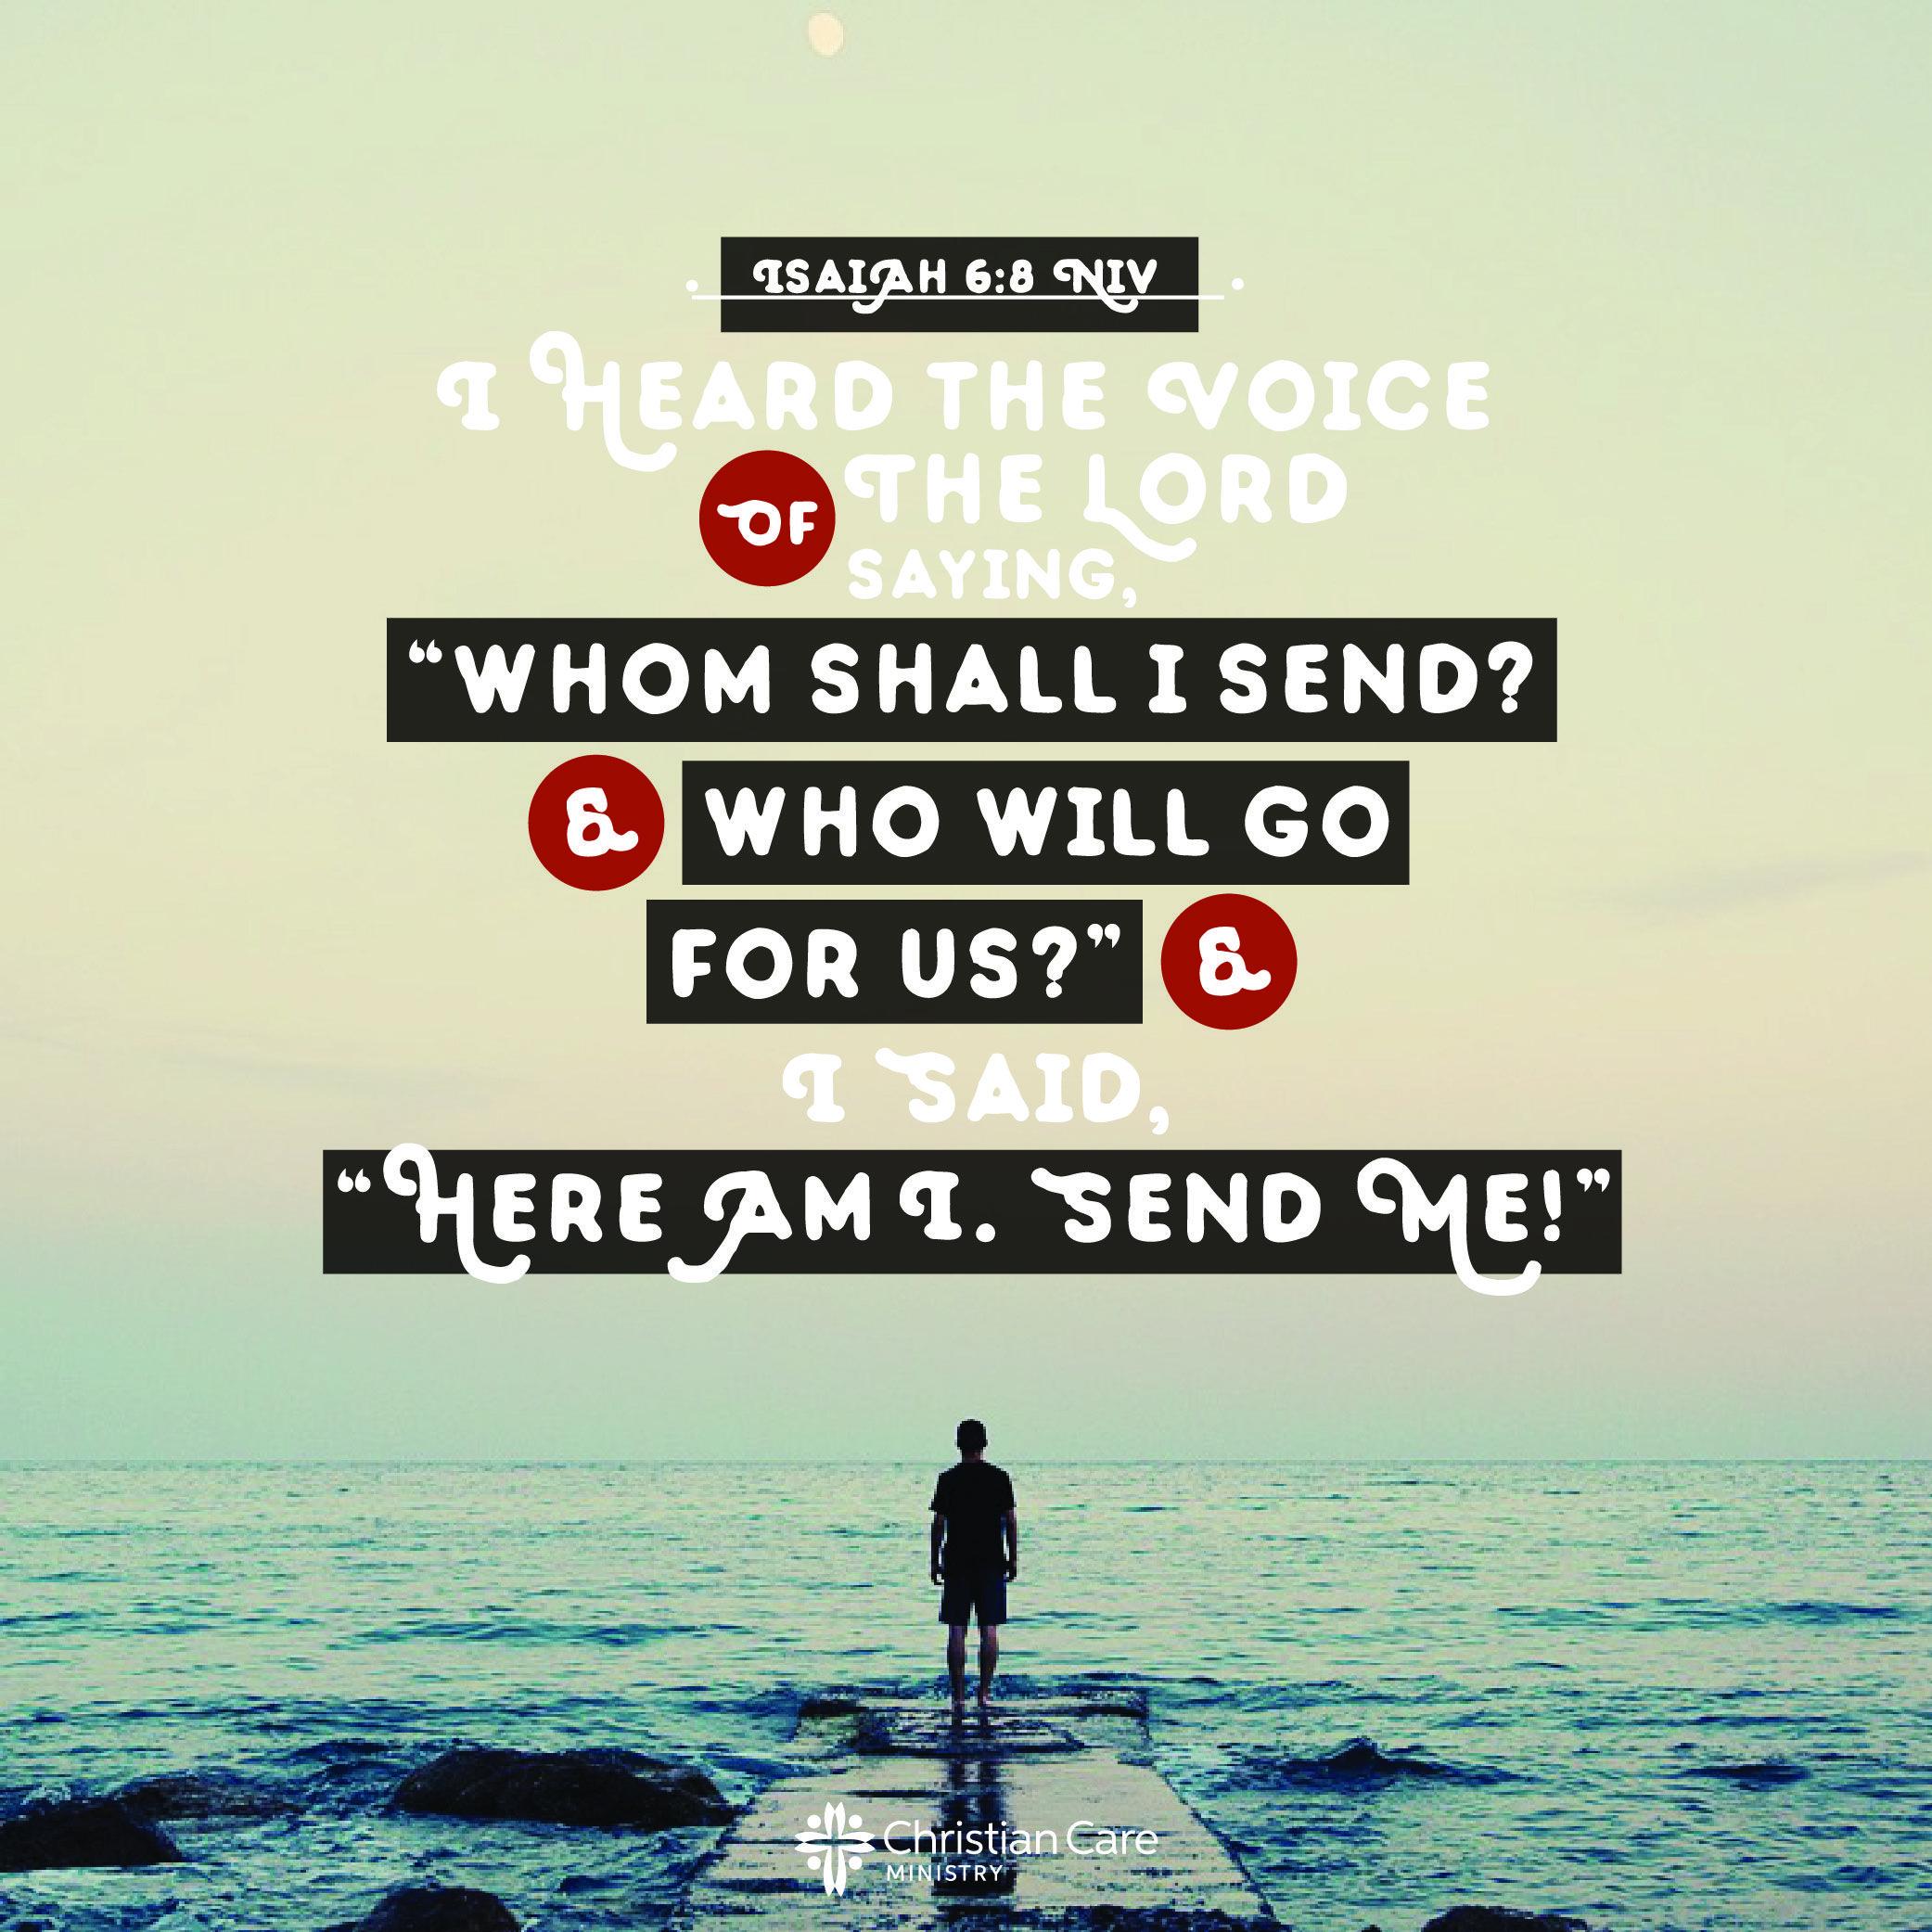 Christliche art und weise der nachricht auf dating-site zu senden